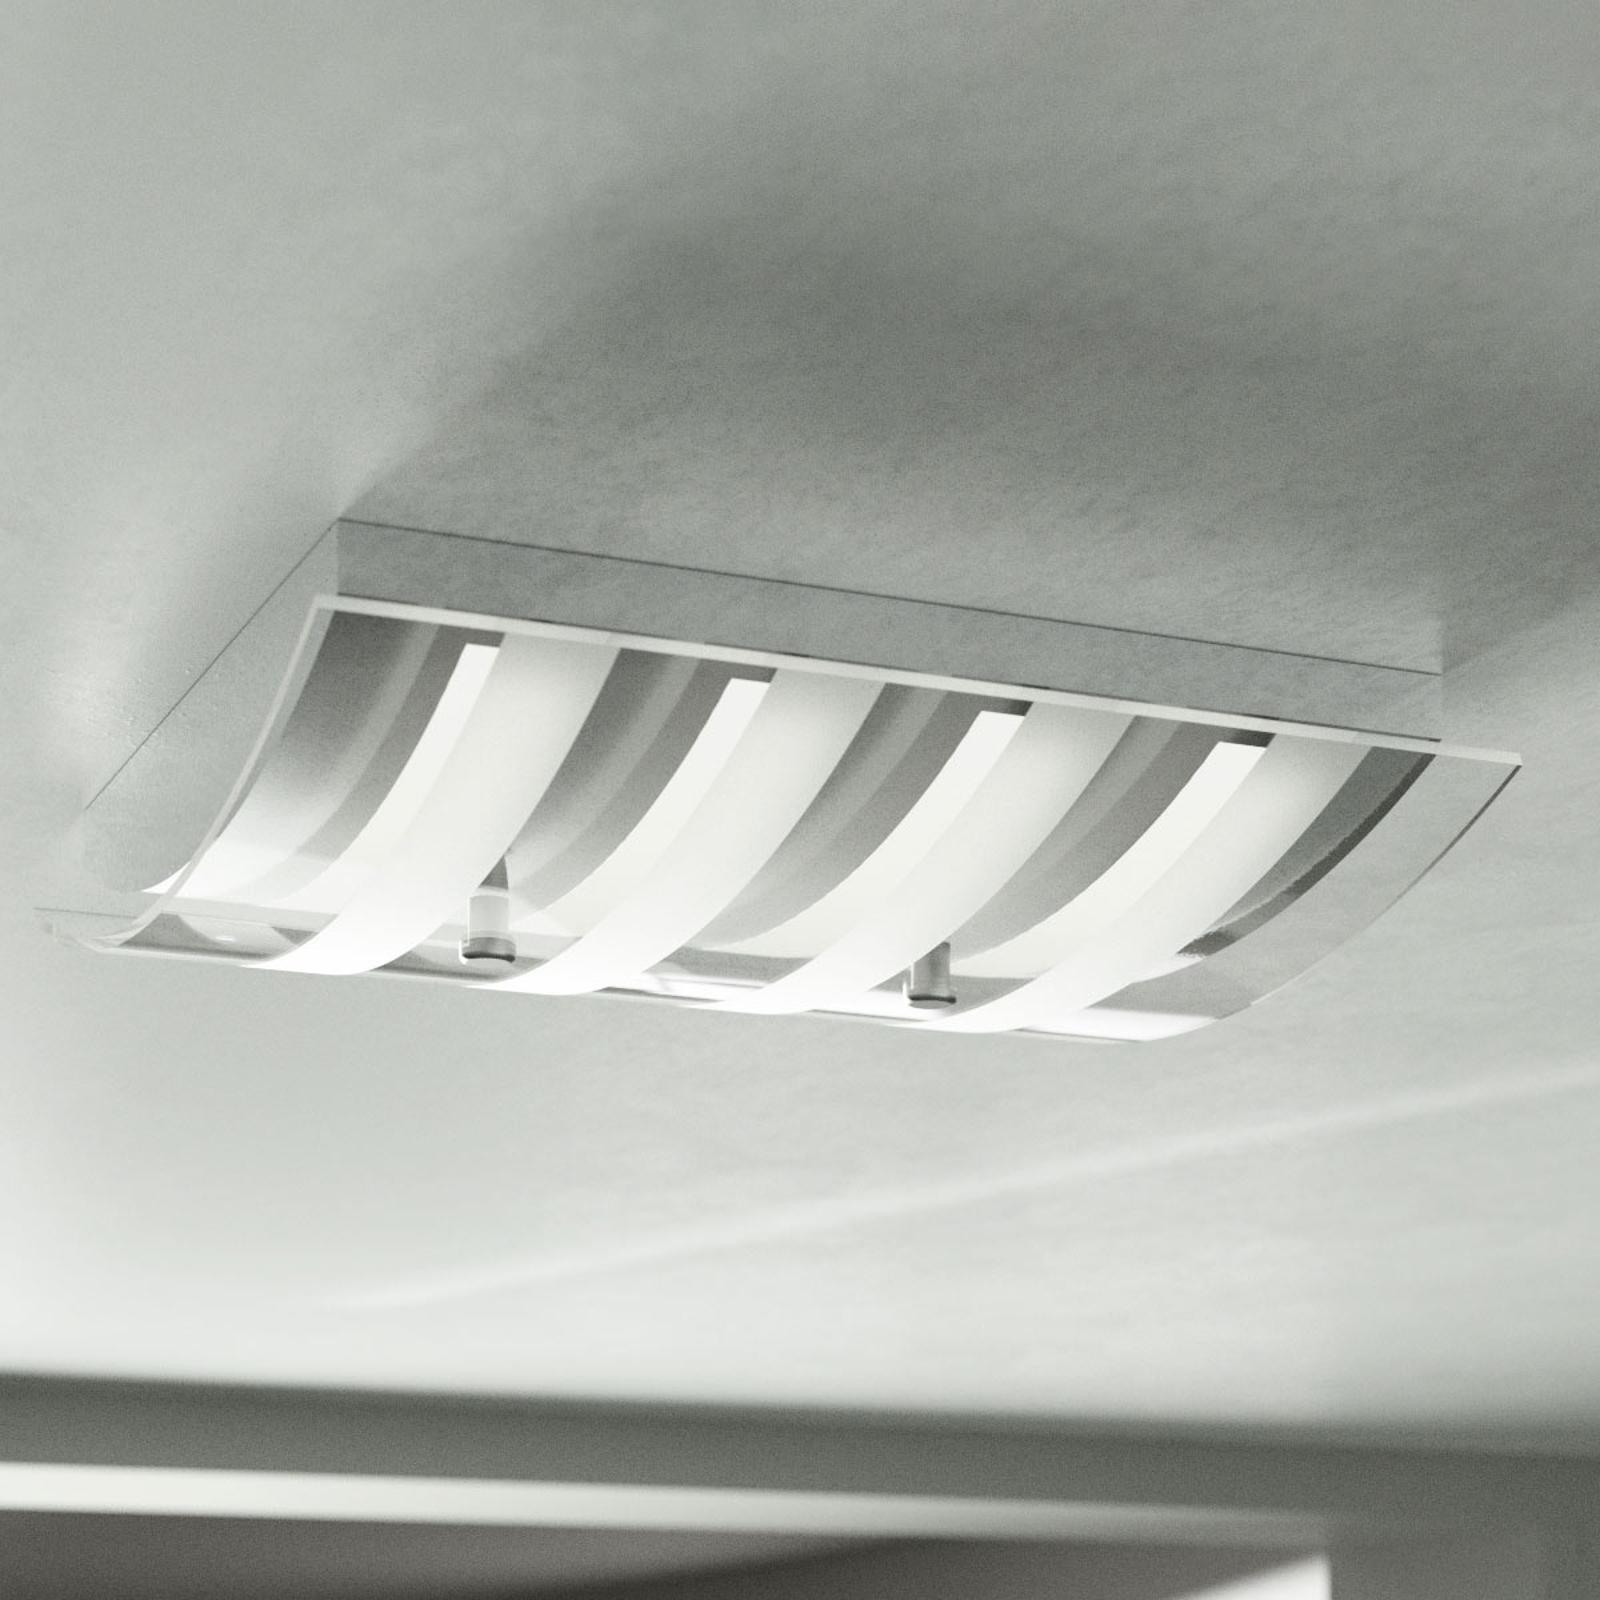 GROSSMANN Vita LED-taklampe, krom